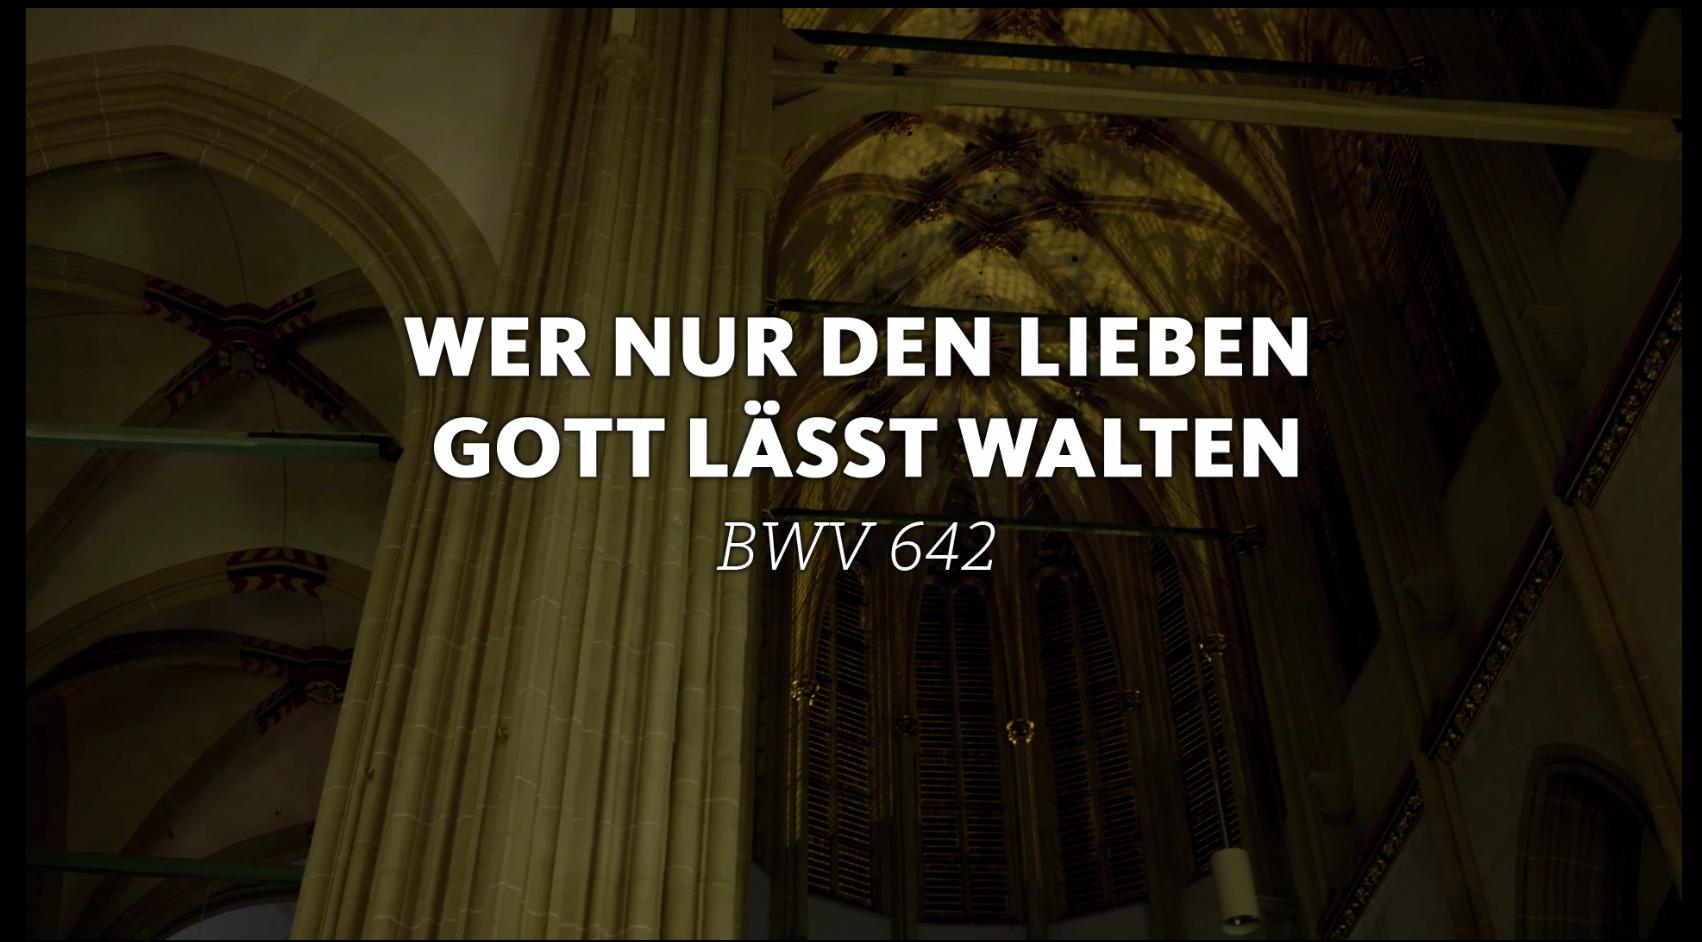 BWV 642 Wer nur den lie ben Gott